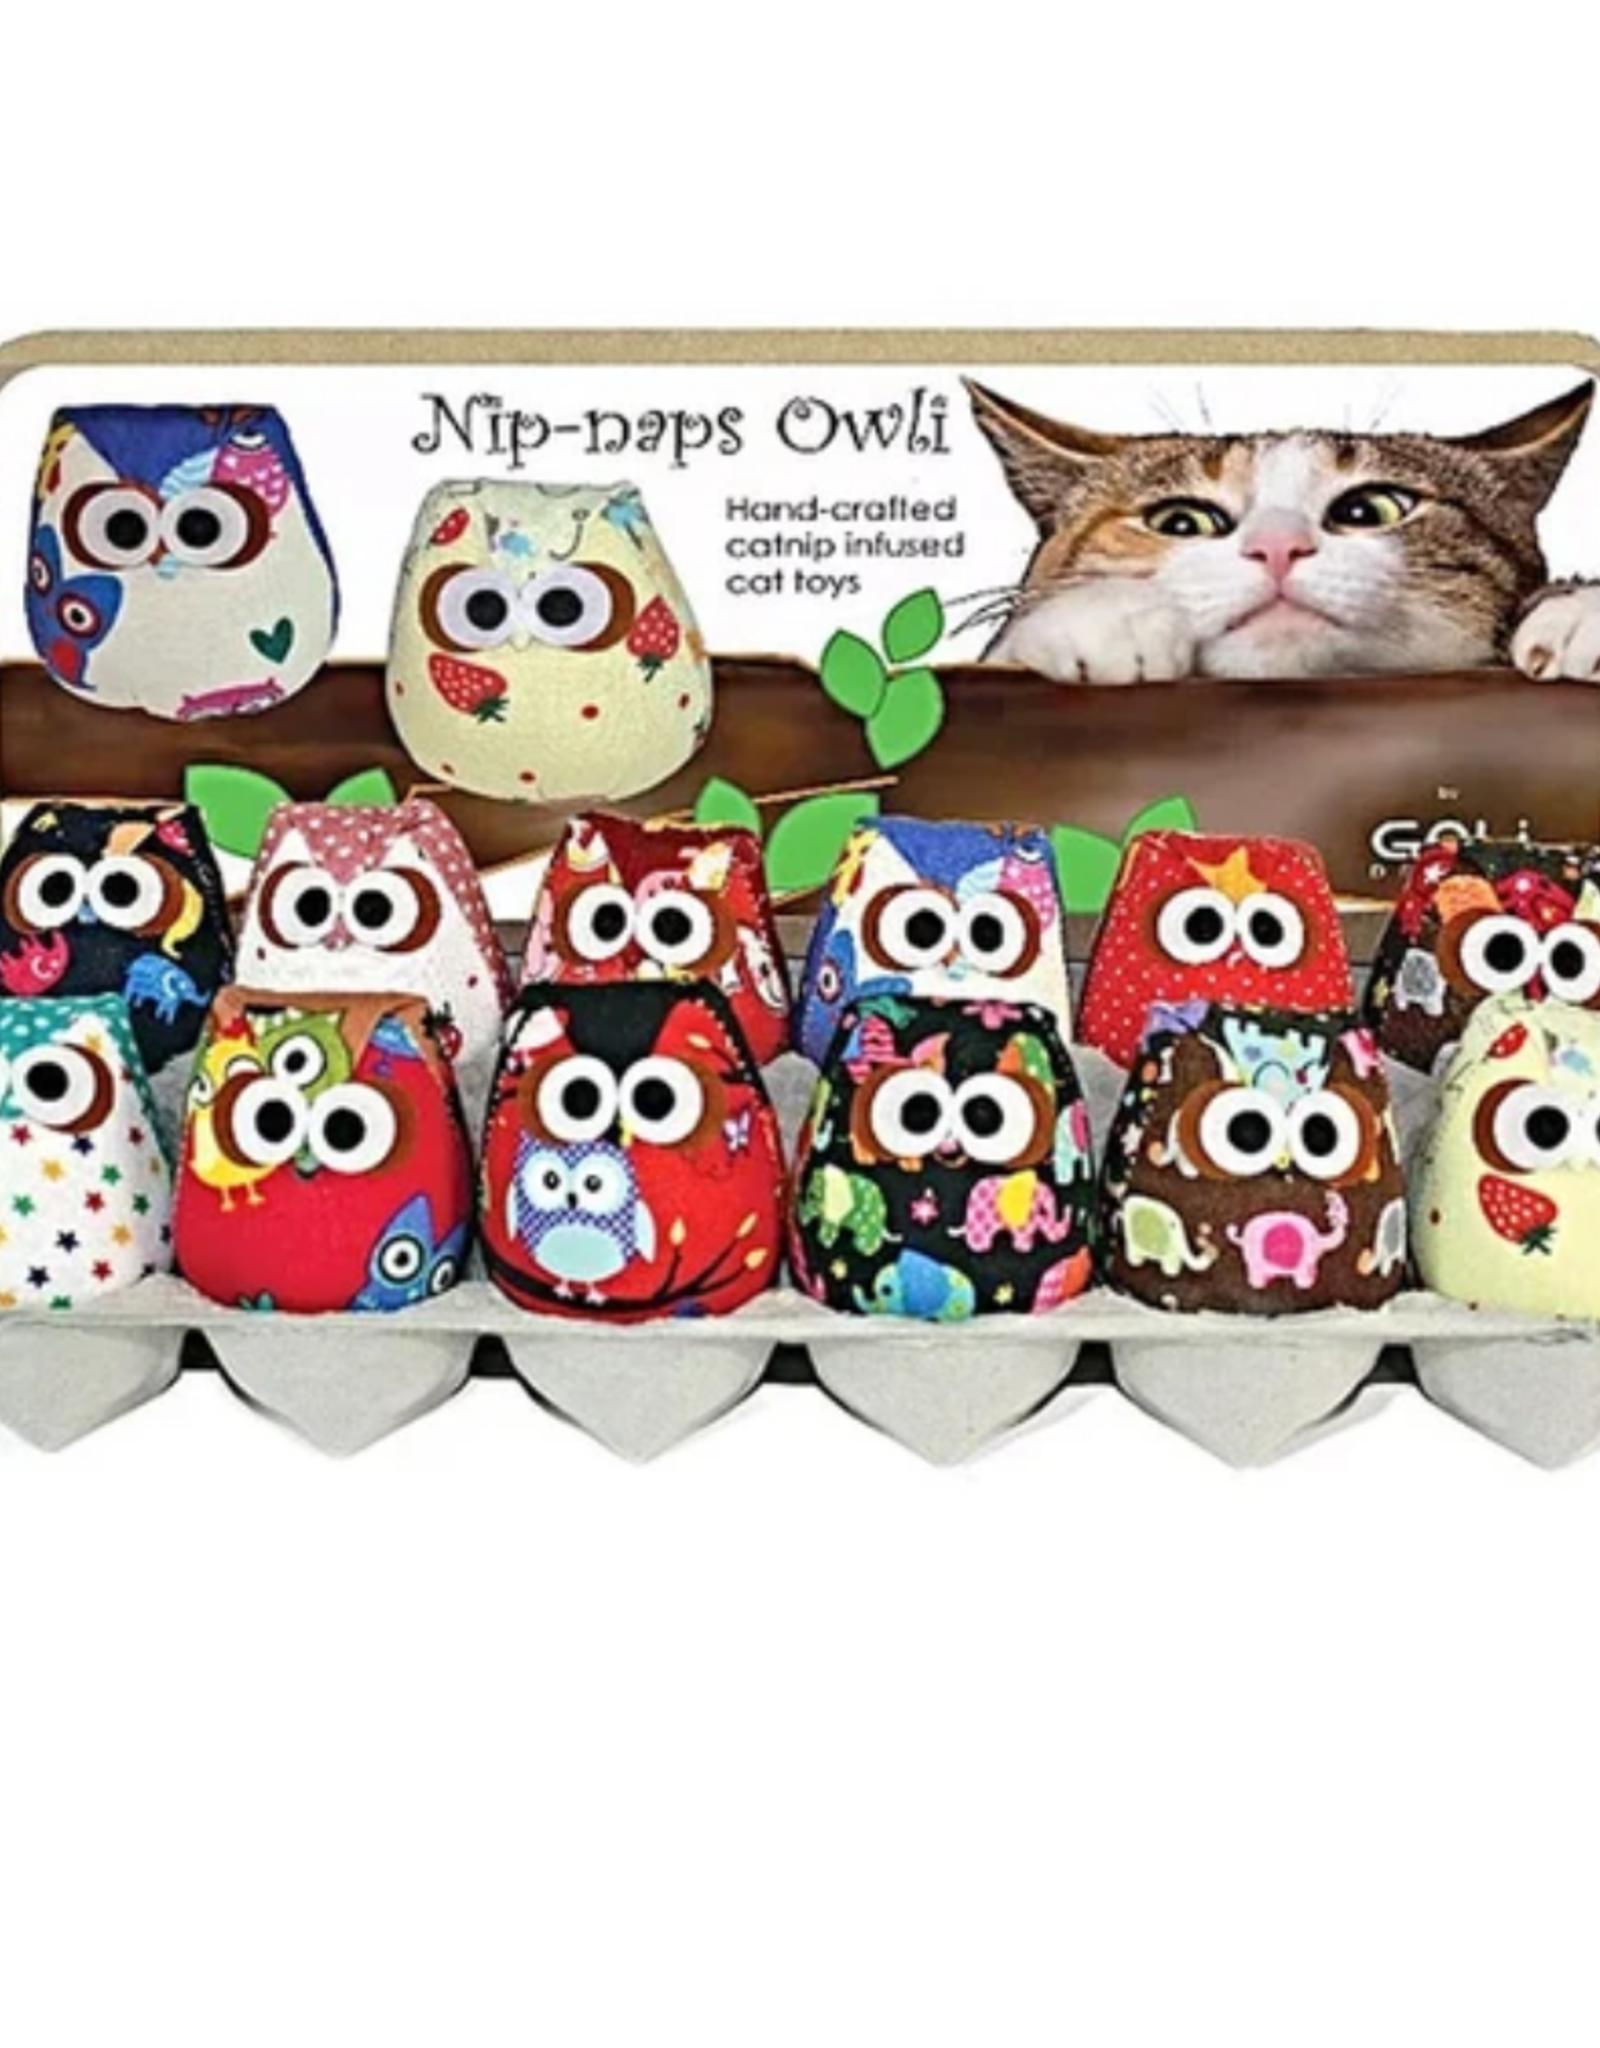 Goli Nip Naps Owl Cat Toy